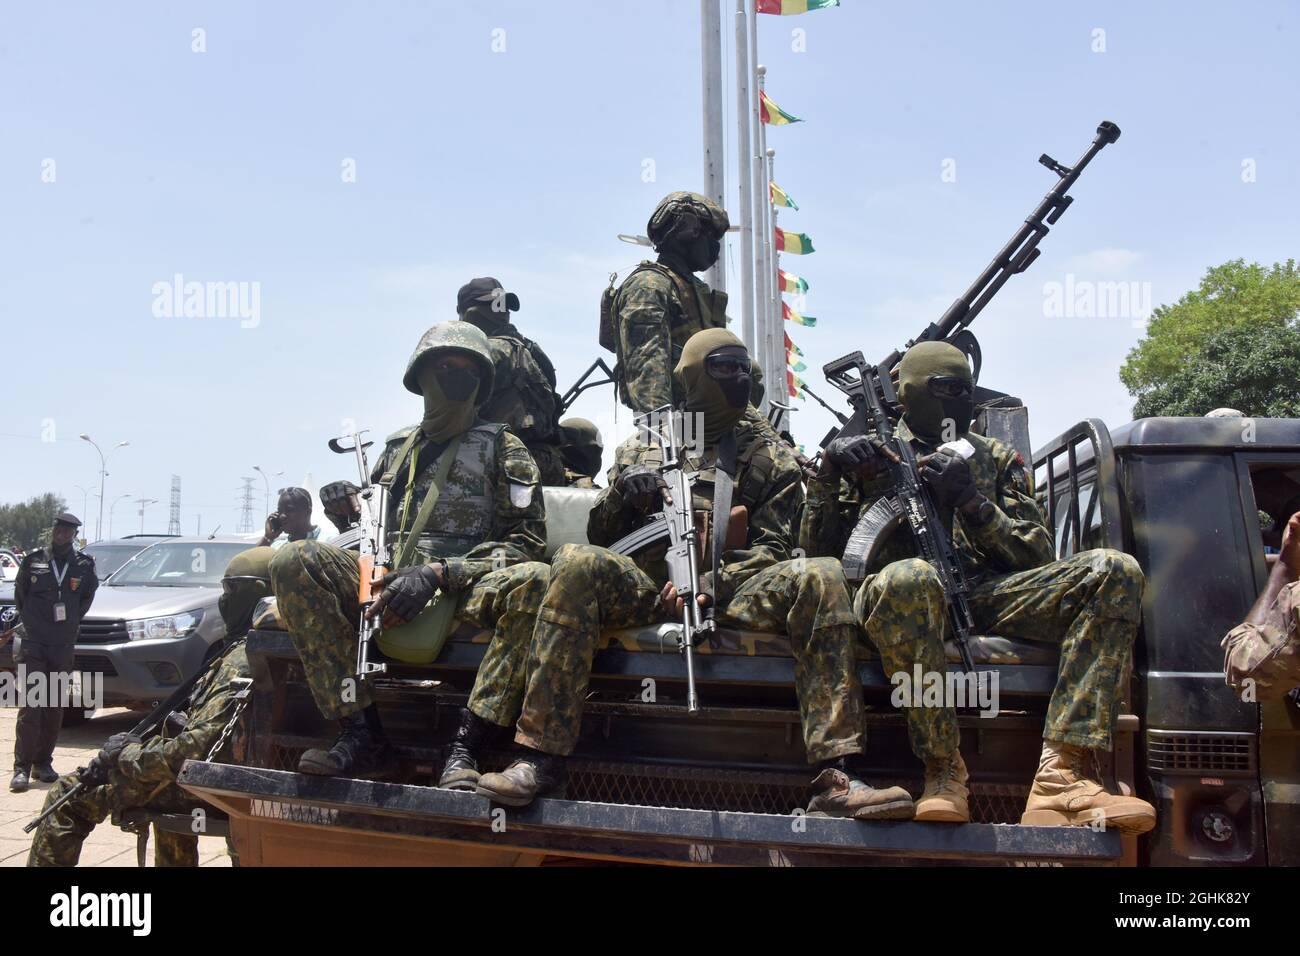 Conakry. September 2021. Mitglieder der guineischen Spezialeinheiten werden vor dem Palast des Volkes in Conakry, Guinea, am 6. September 2021 gesehen. Quelle: Xinhua/Alamy Live News Stockfoto